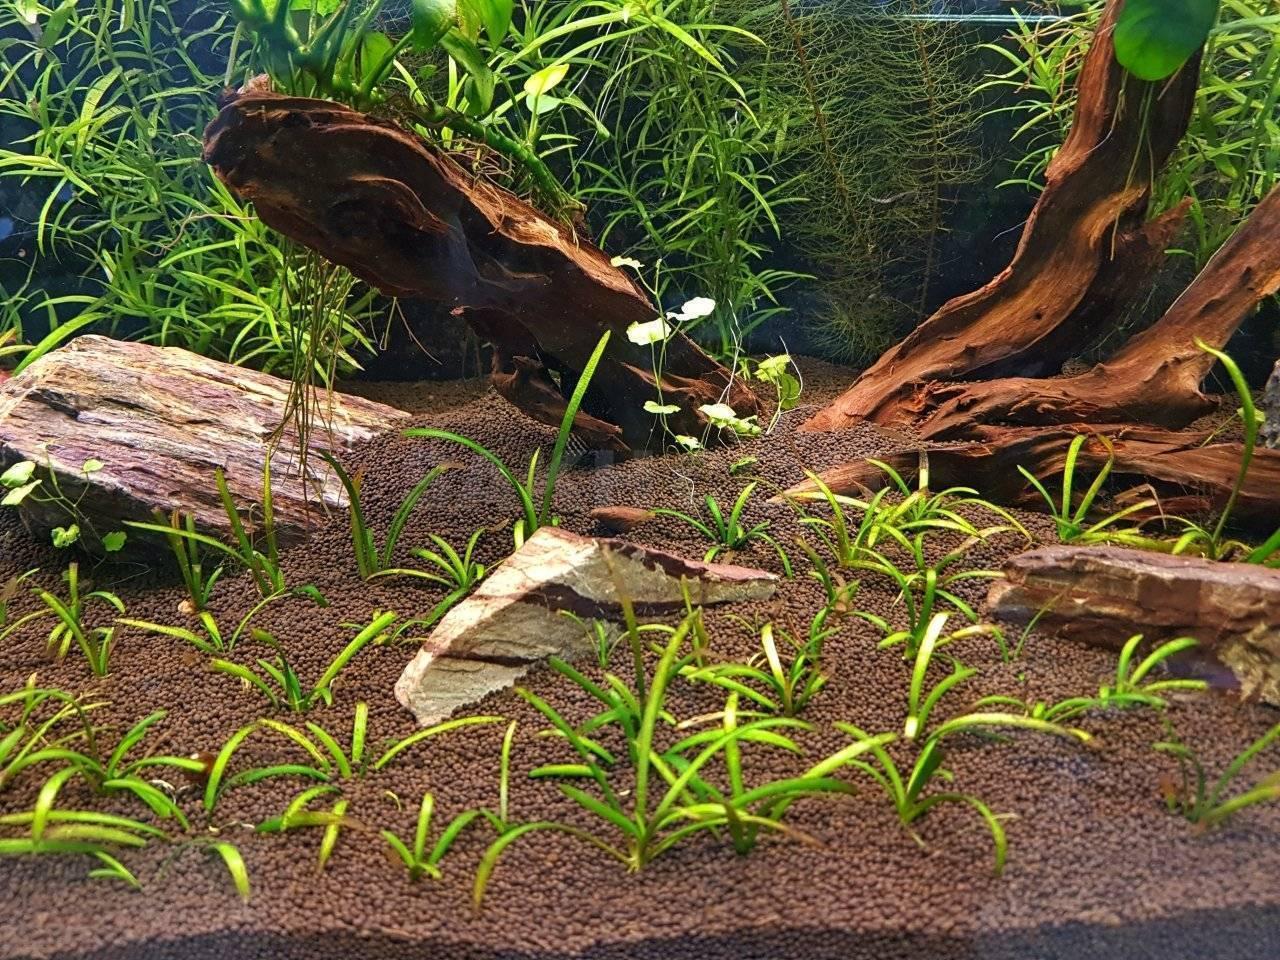 Почвы должно быть в достатке! сколько грунта нужно в аквариум?